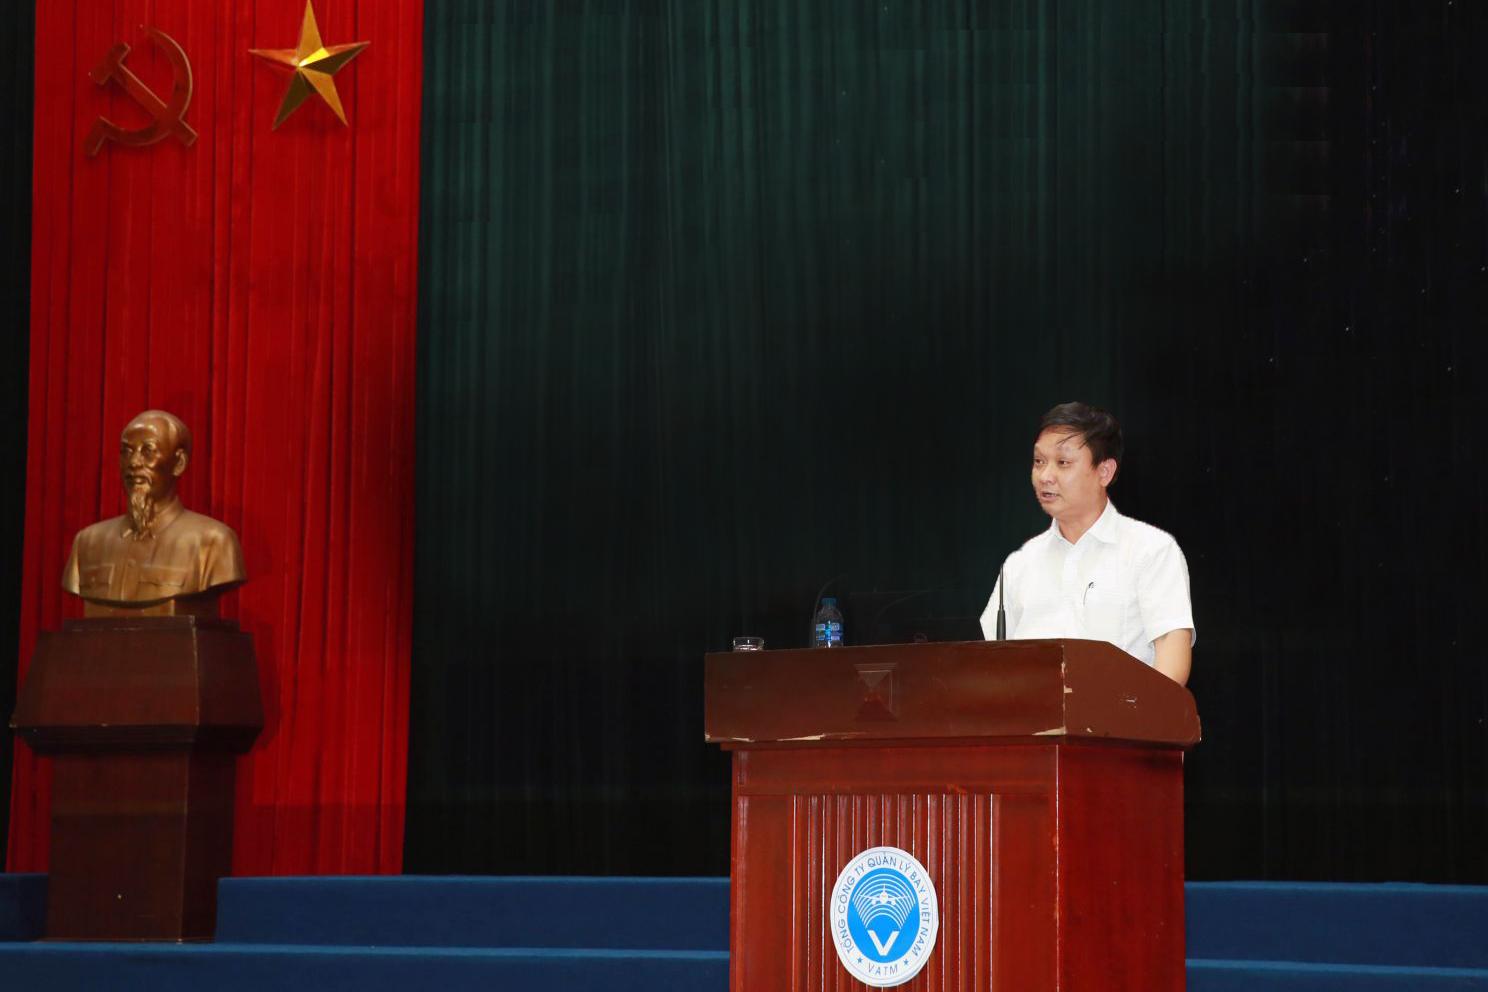 Đảng ủy VATM tổ chức hội nghị tập huấn về đại hội đảng các cấp nhiệm kỳ 2020- 2025